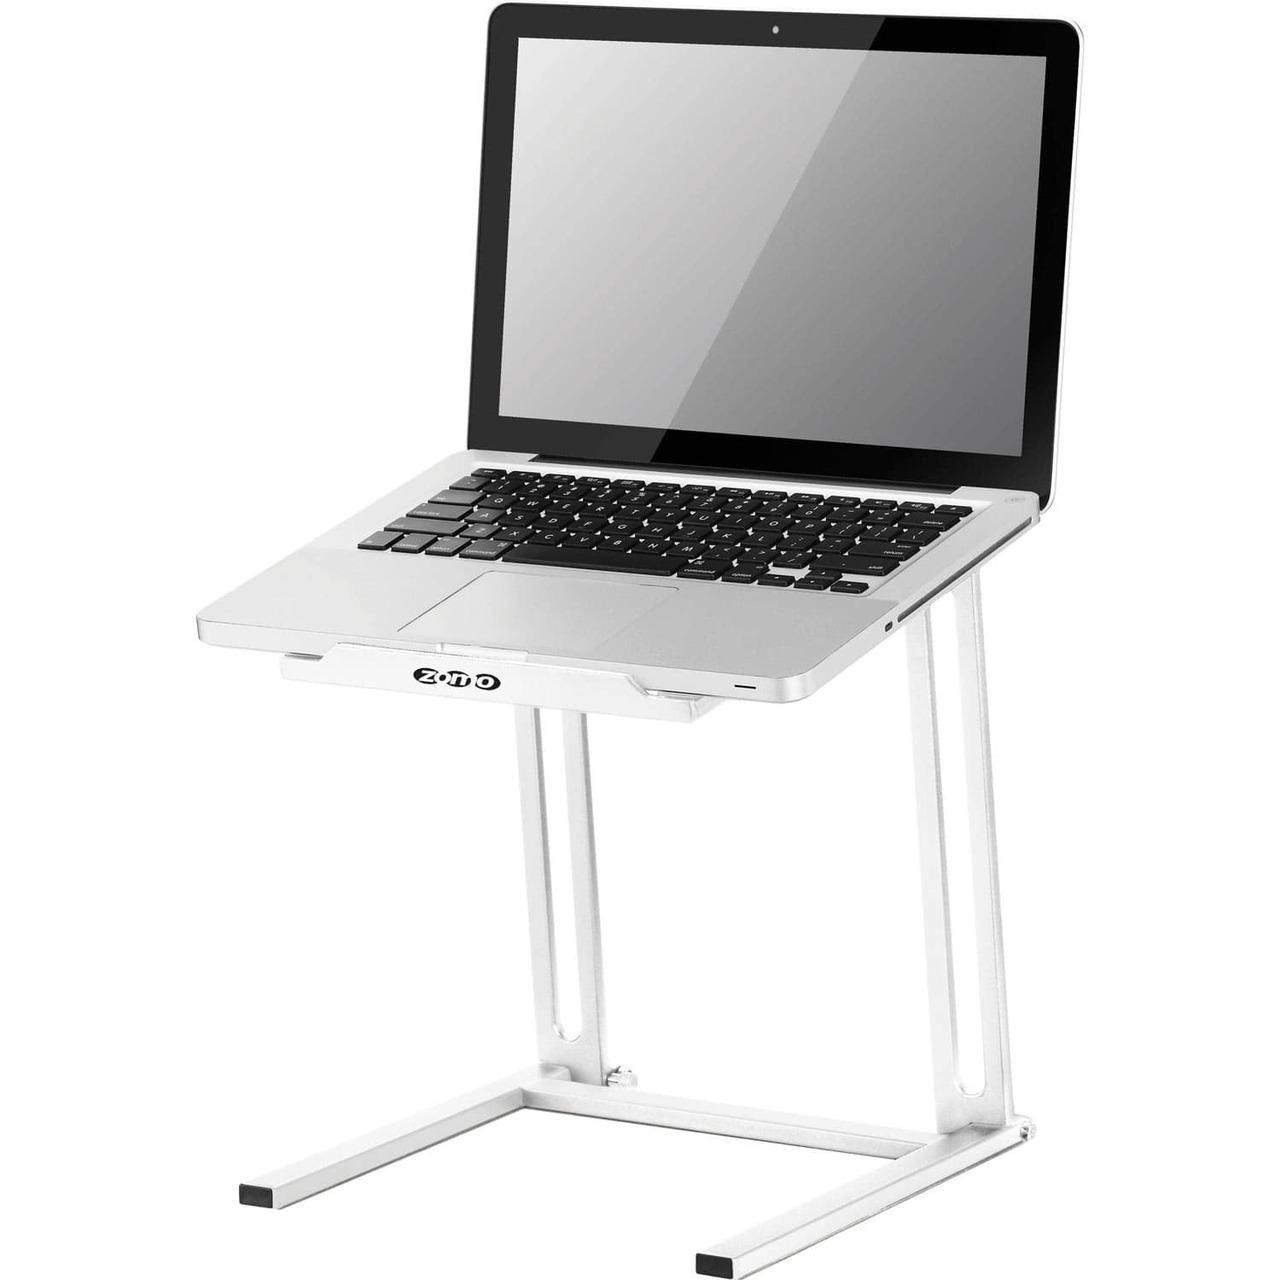 Caratteristiche Zomo LS-20 Supporto per computer portatile - bianco 0030103033